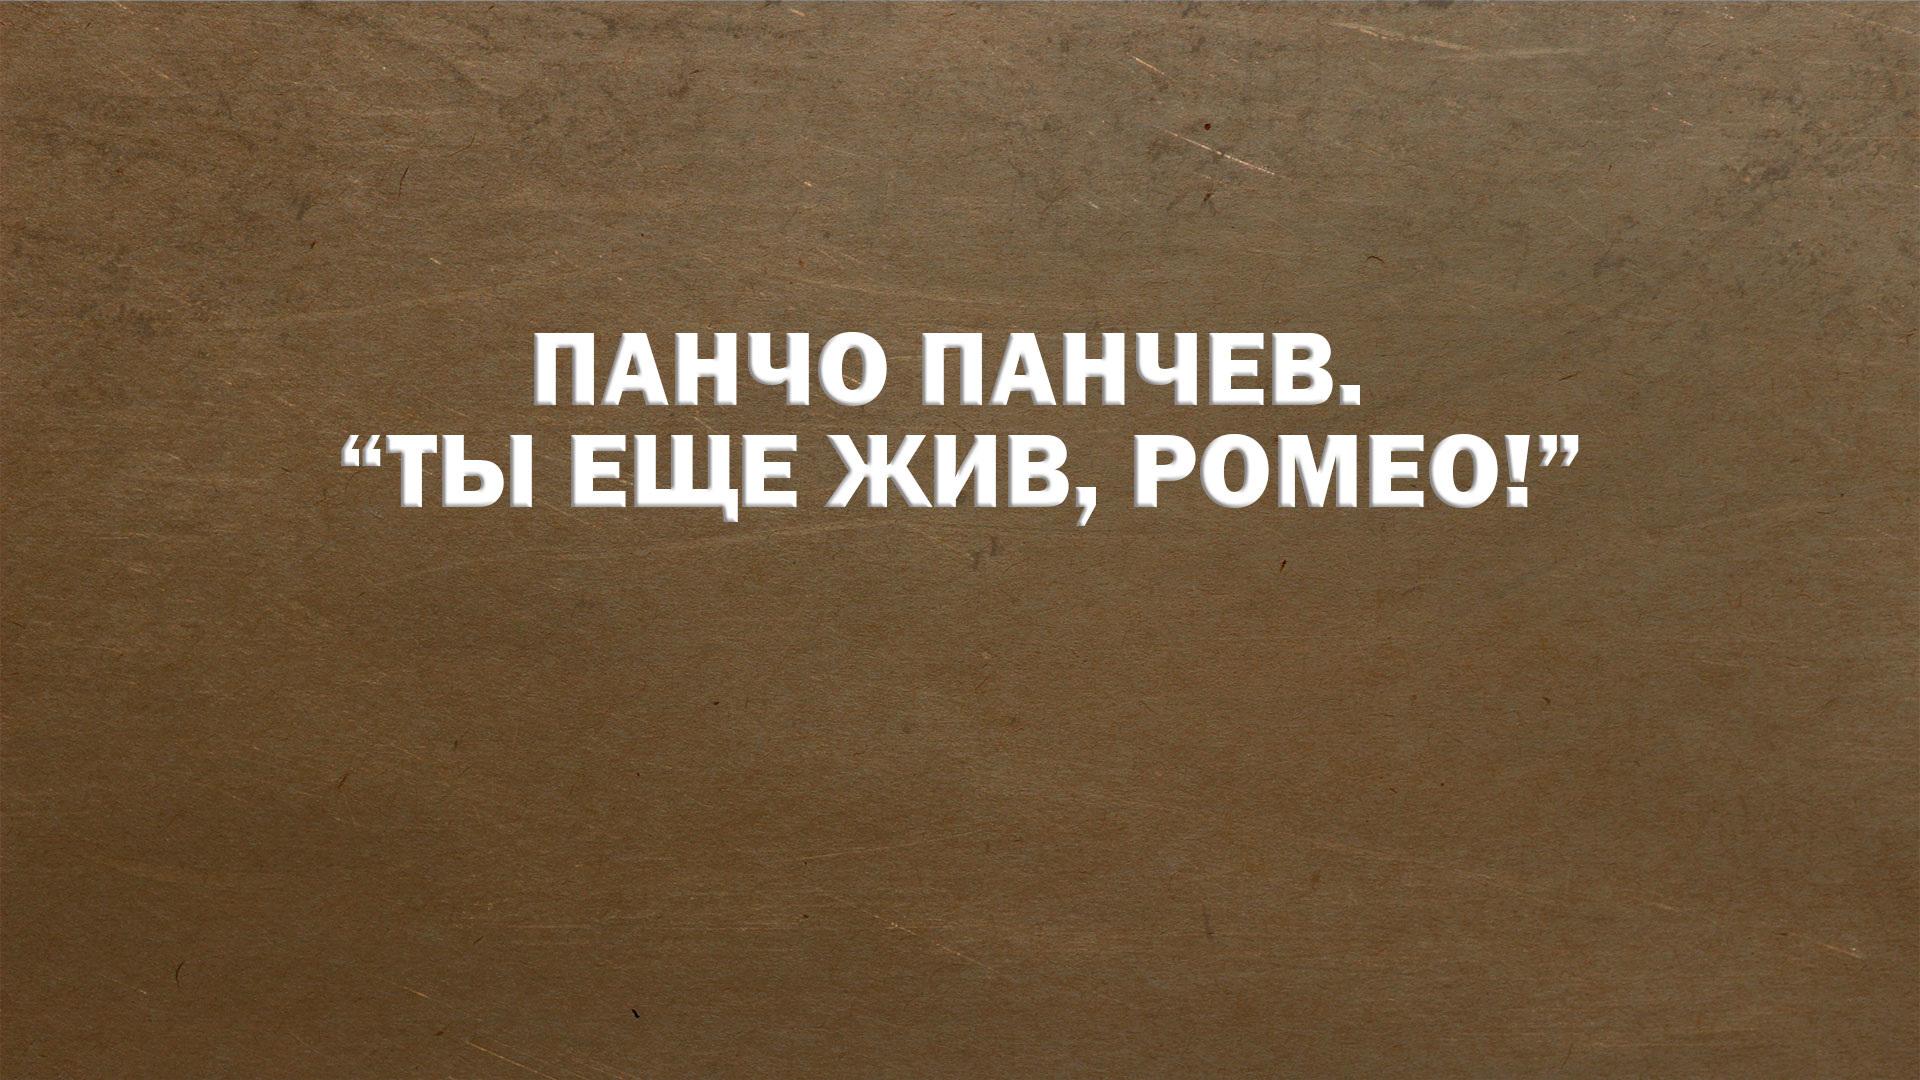 Панчо Панчев. Ты еще жив, Ромео!